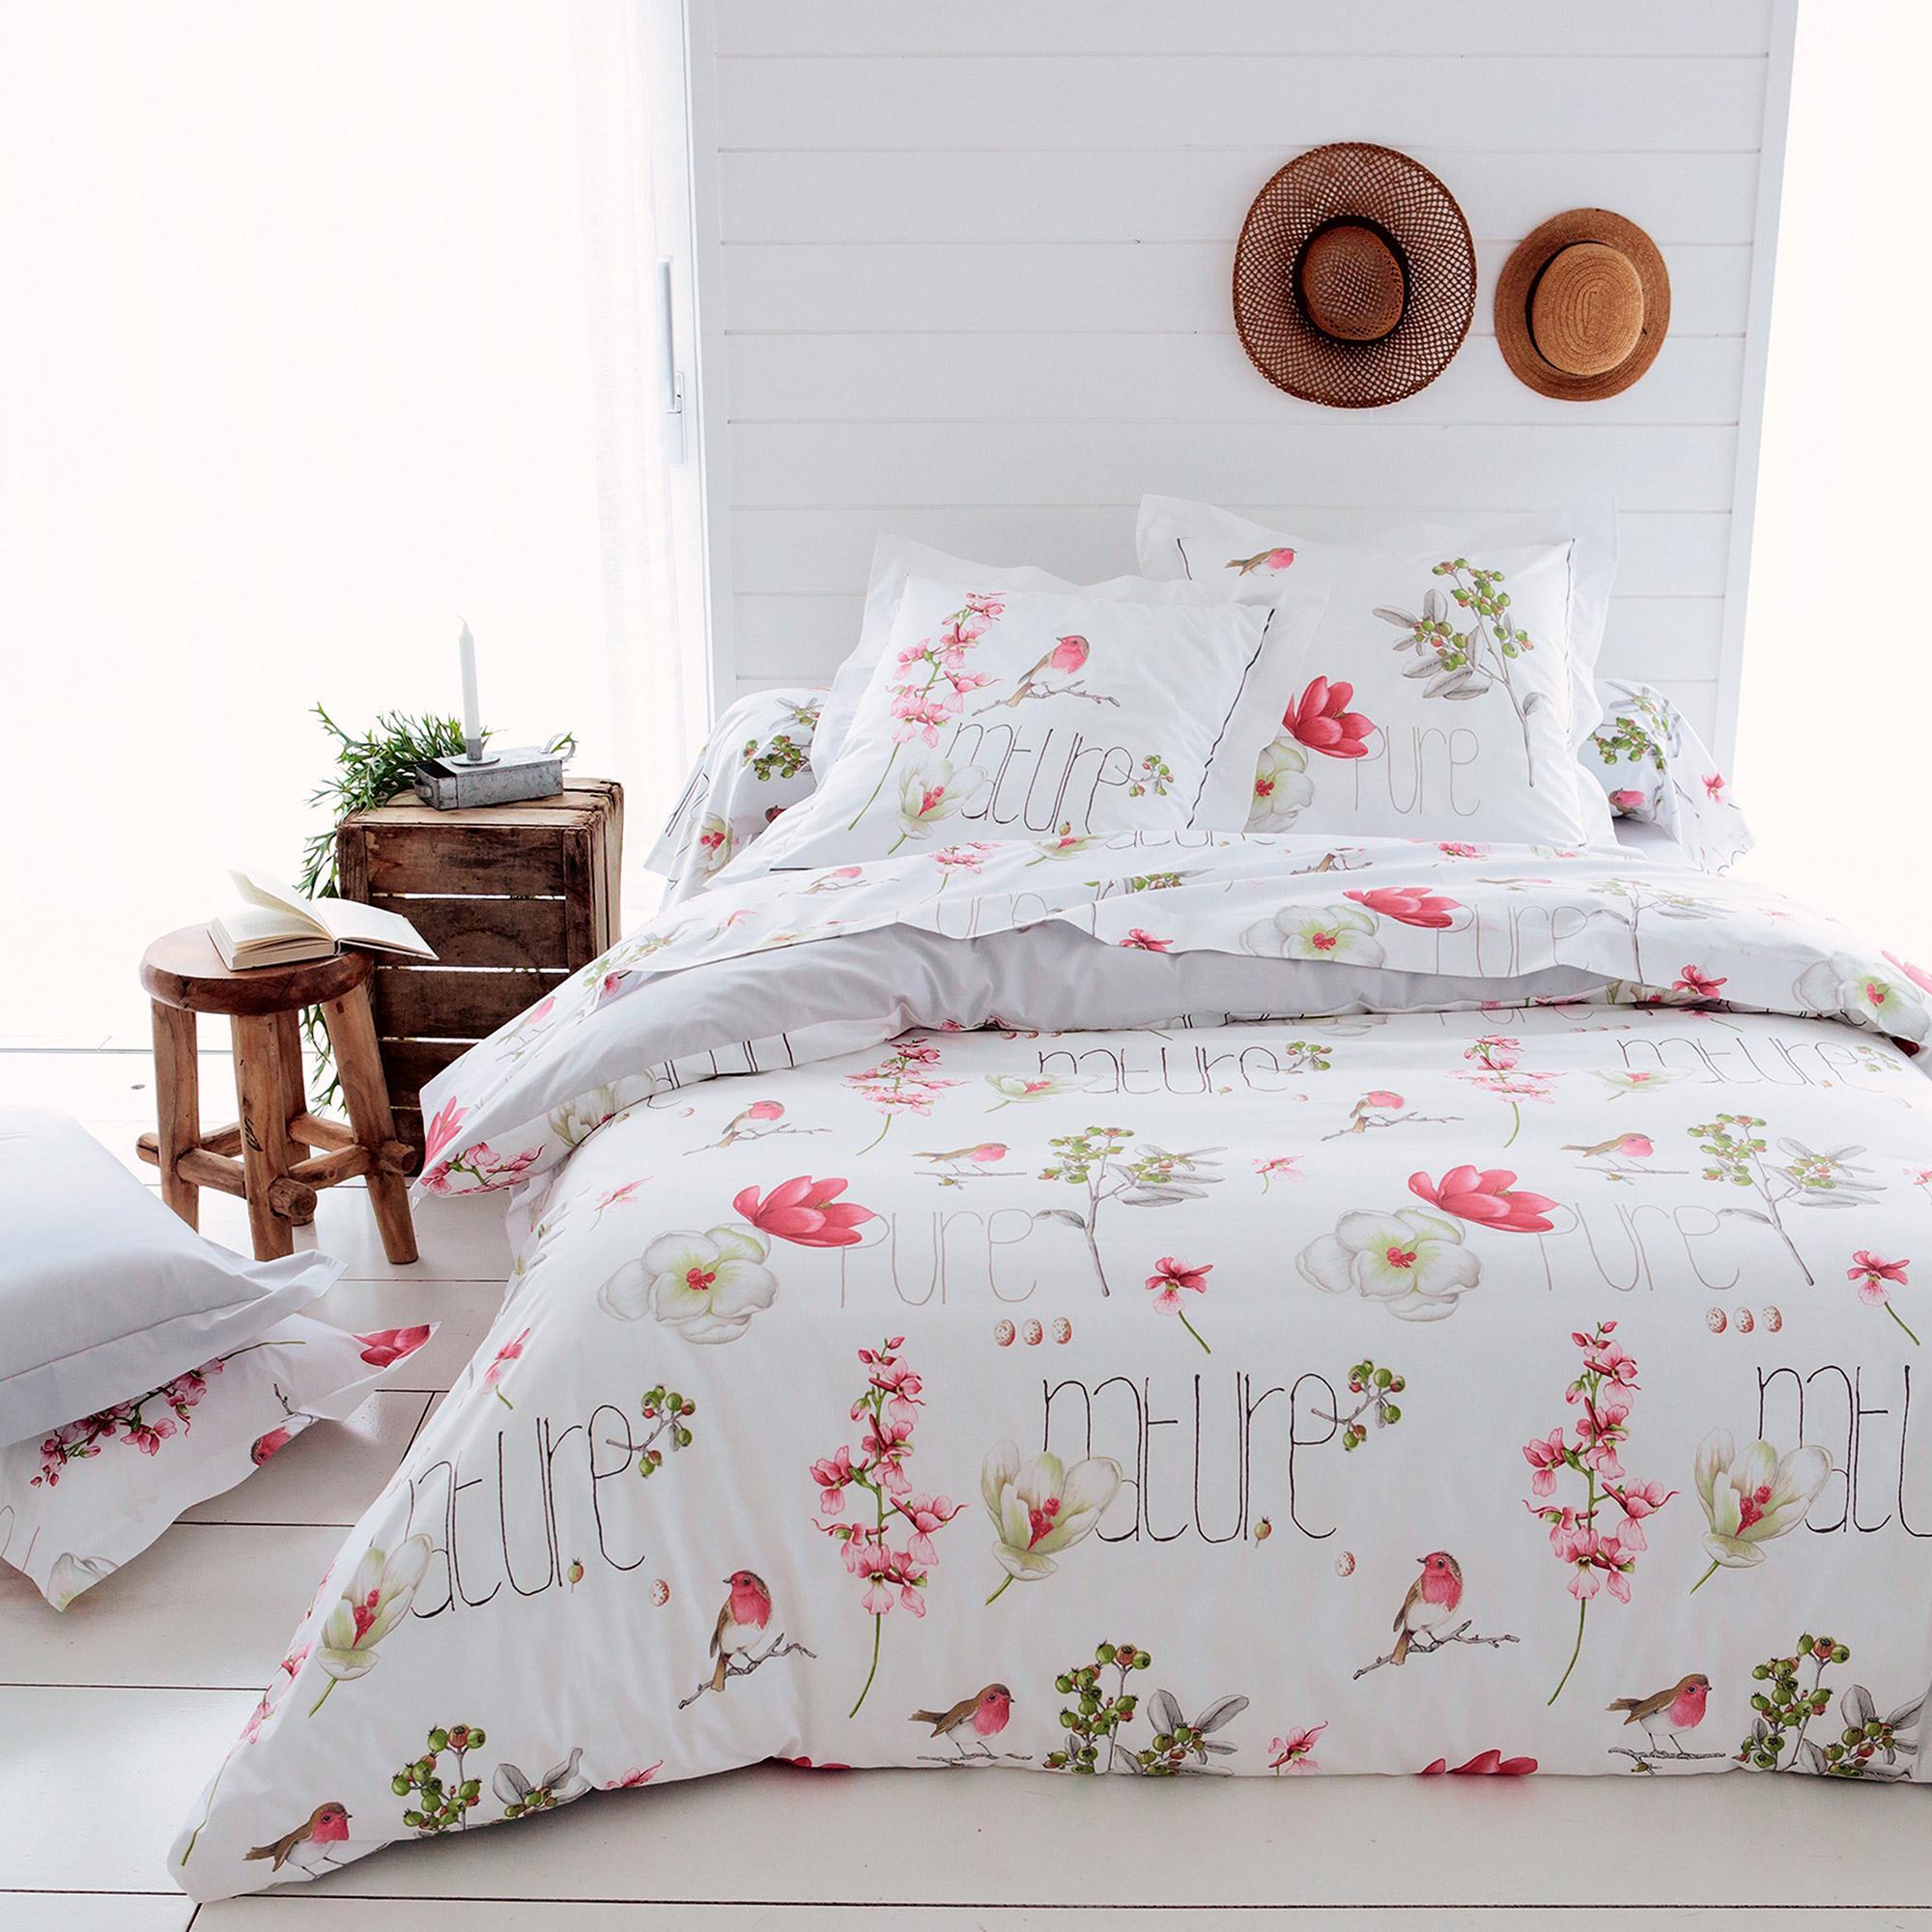 sous taie oreiller avec fermeture eclair stunning blanc des vosges go taie duoreiller coton. Black Bedroom Furniture Sets. Home Design Ideas